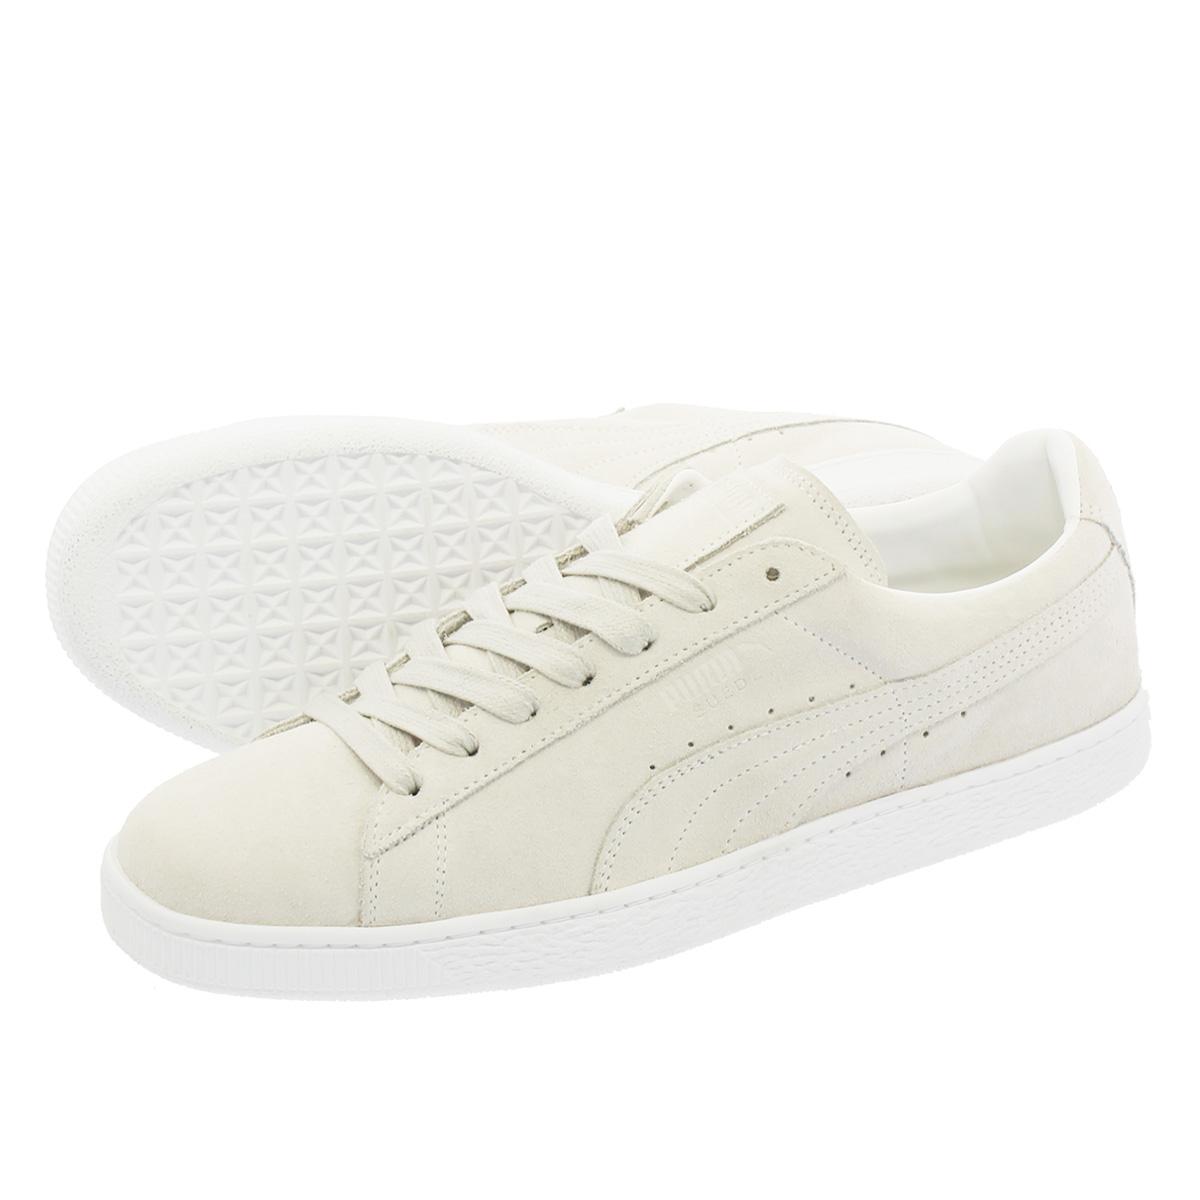 f5dece989b60 LOWTEX PLUS  PUMA SUEDE CLASSIC WHITE Puma suede cloth classical music white  PUMA WHITE PUMA WHITE